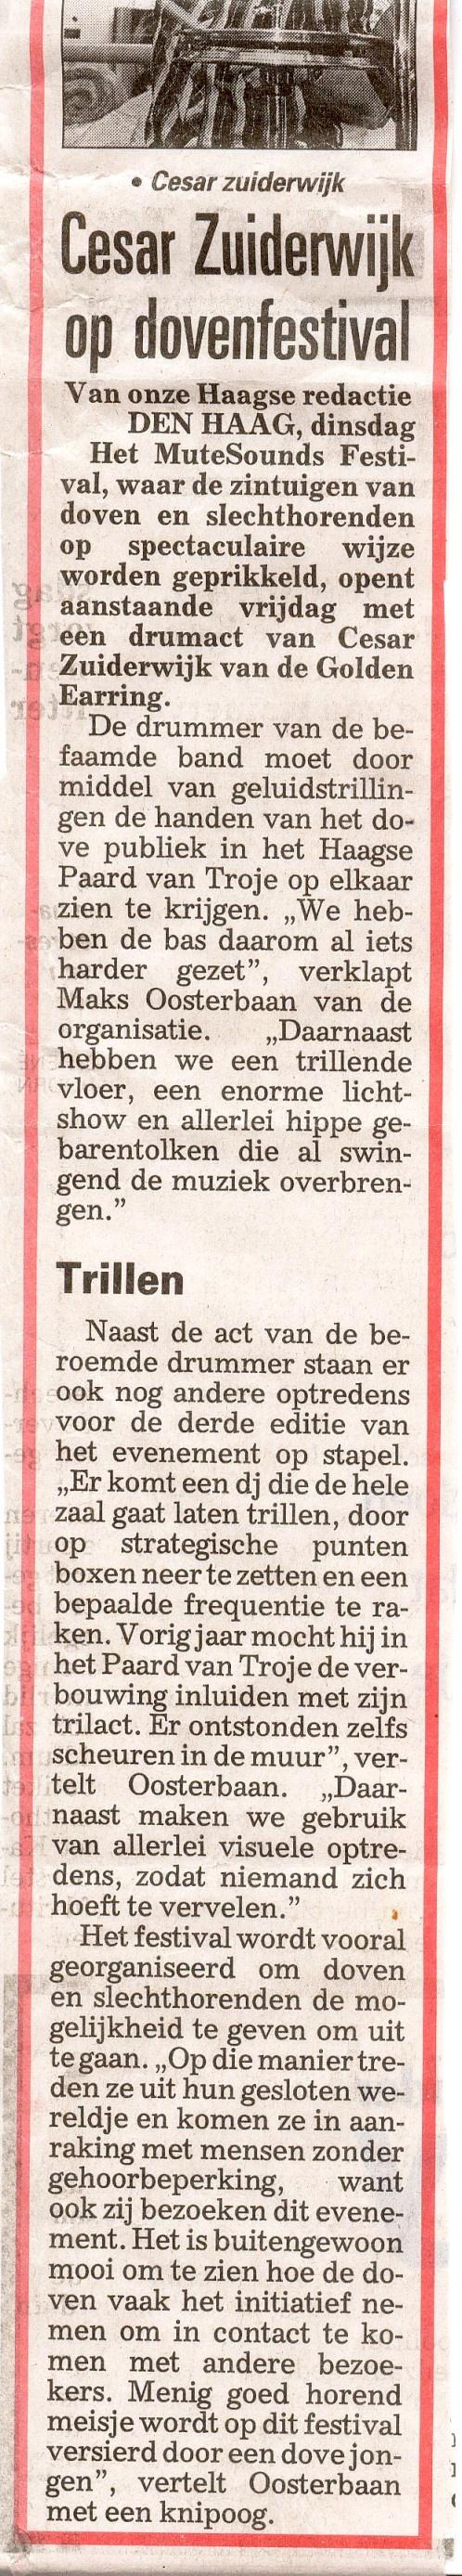 Telegraaf - oktober 2010